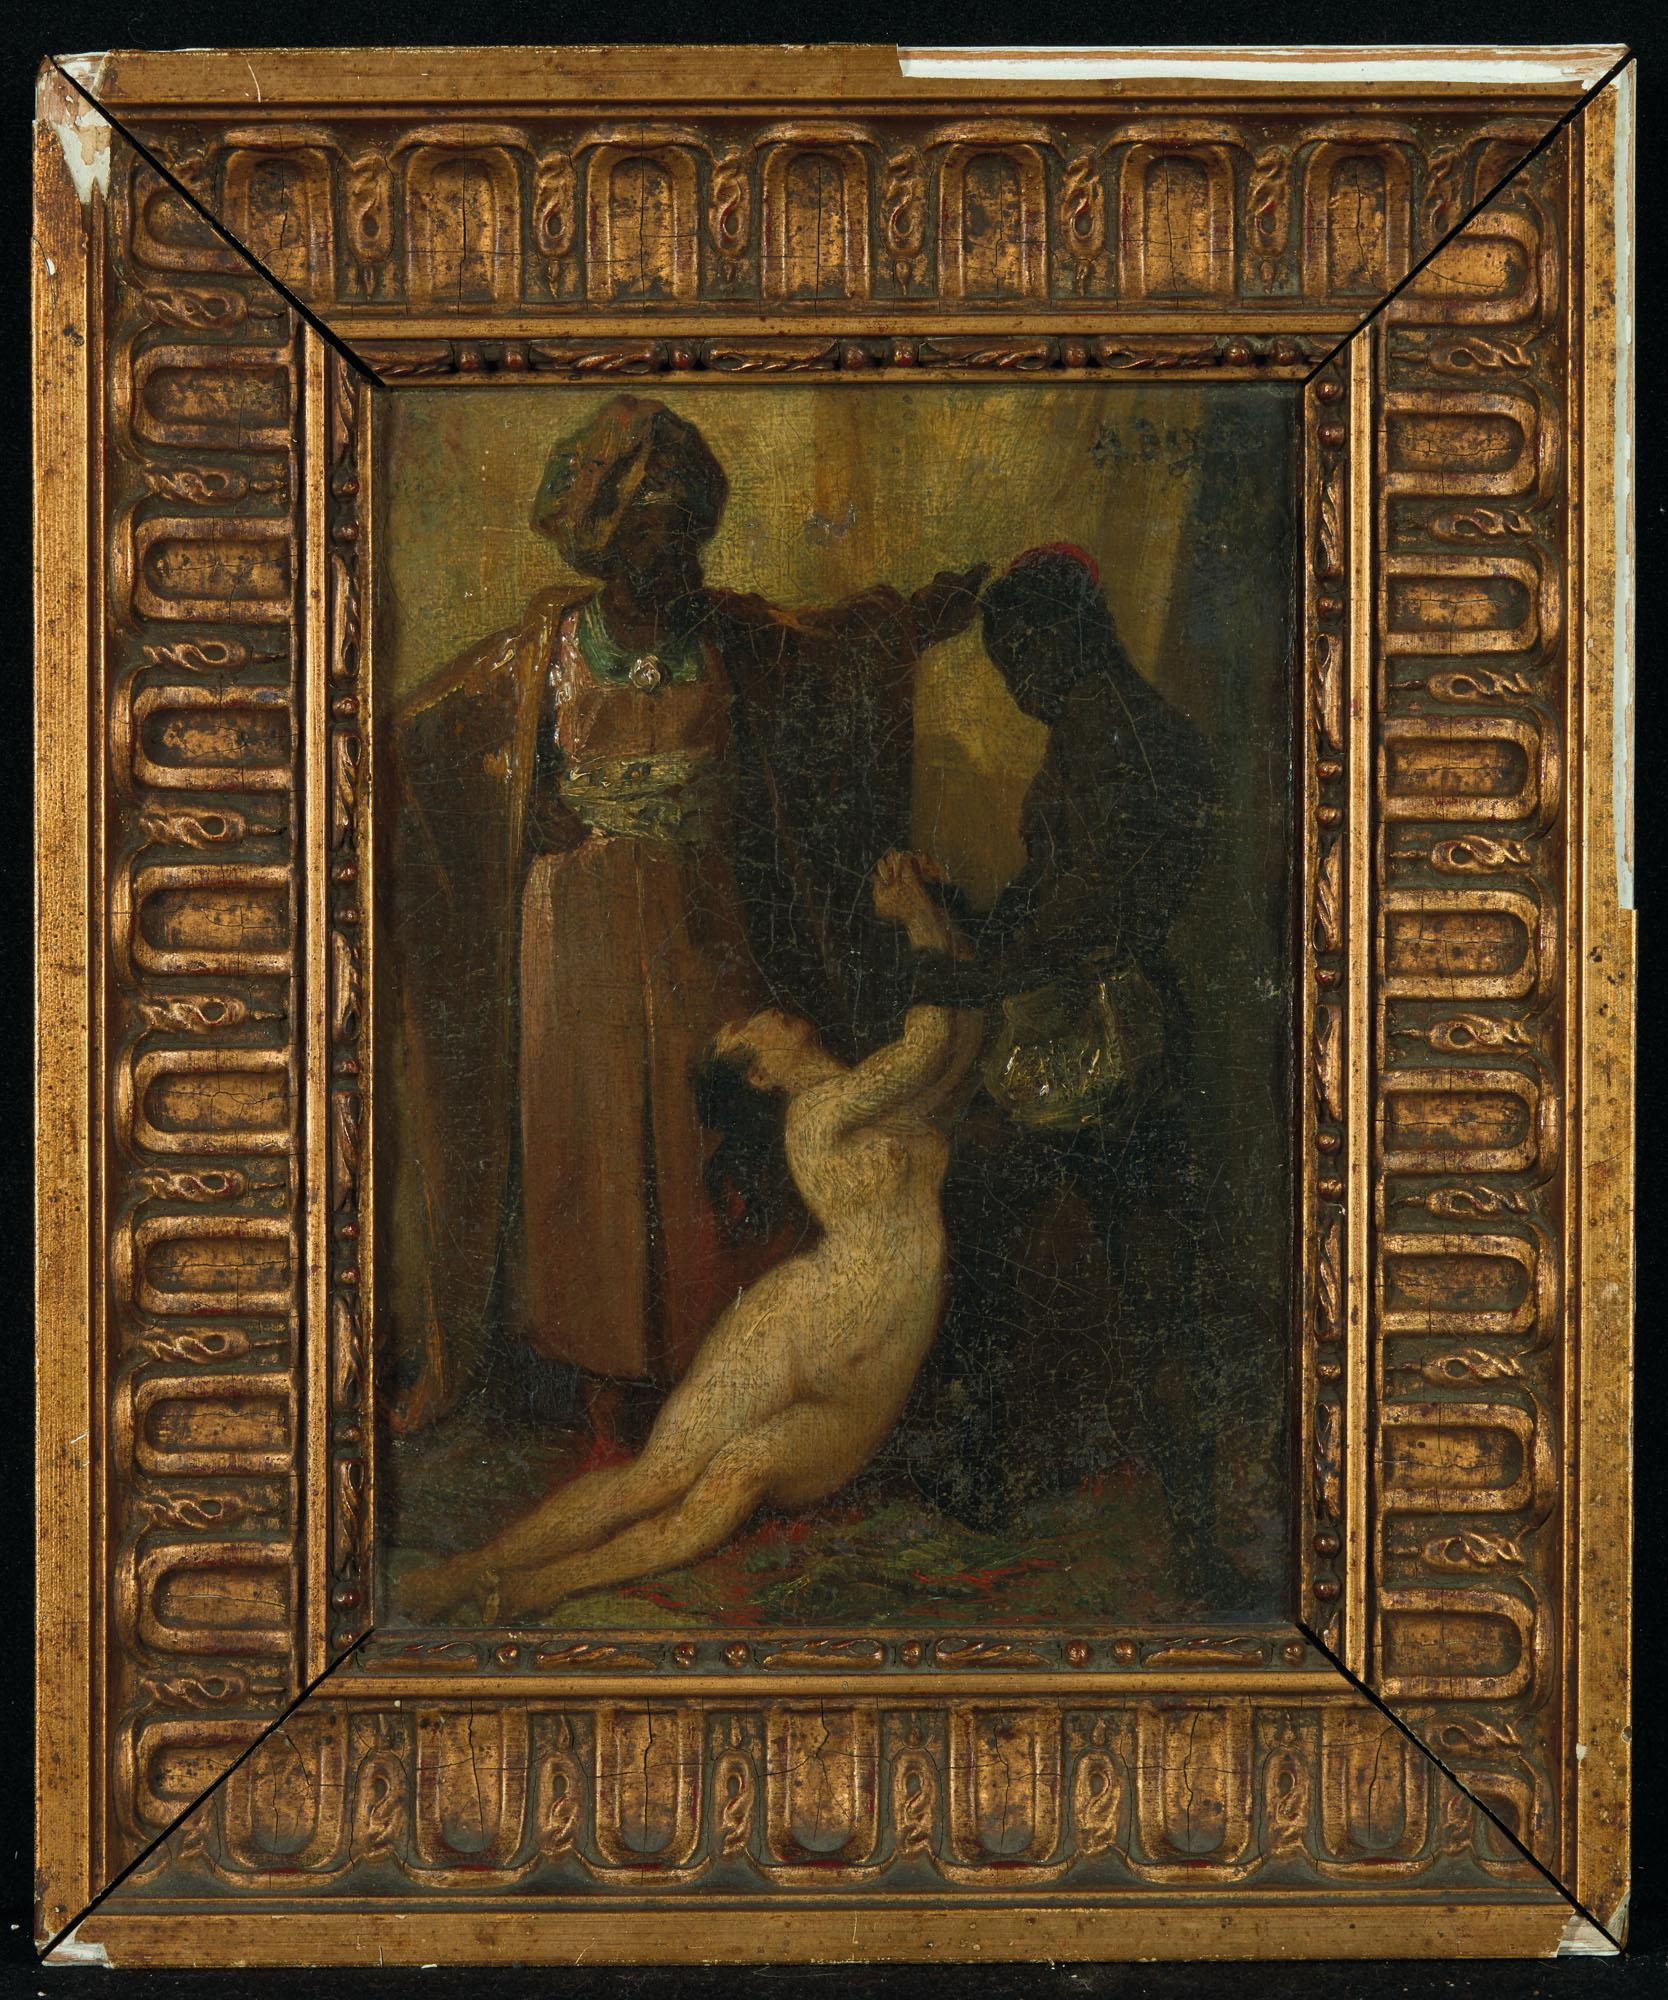 PIERRE-MARIE BEYLE (LYON 1838-1902 CHENNEVIÈRES-SUR-MARNE)